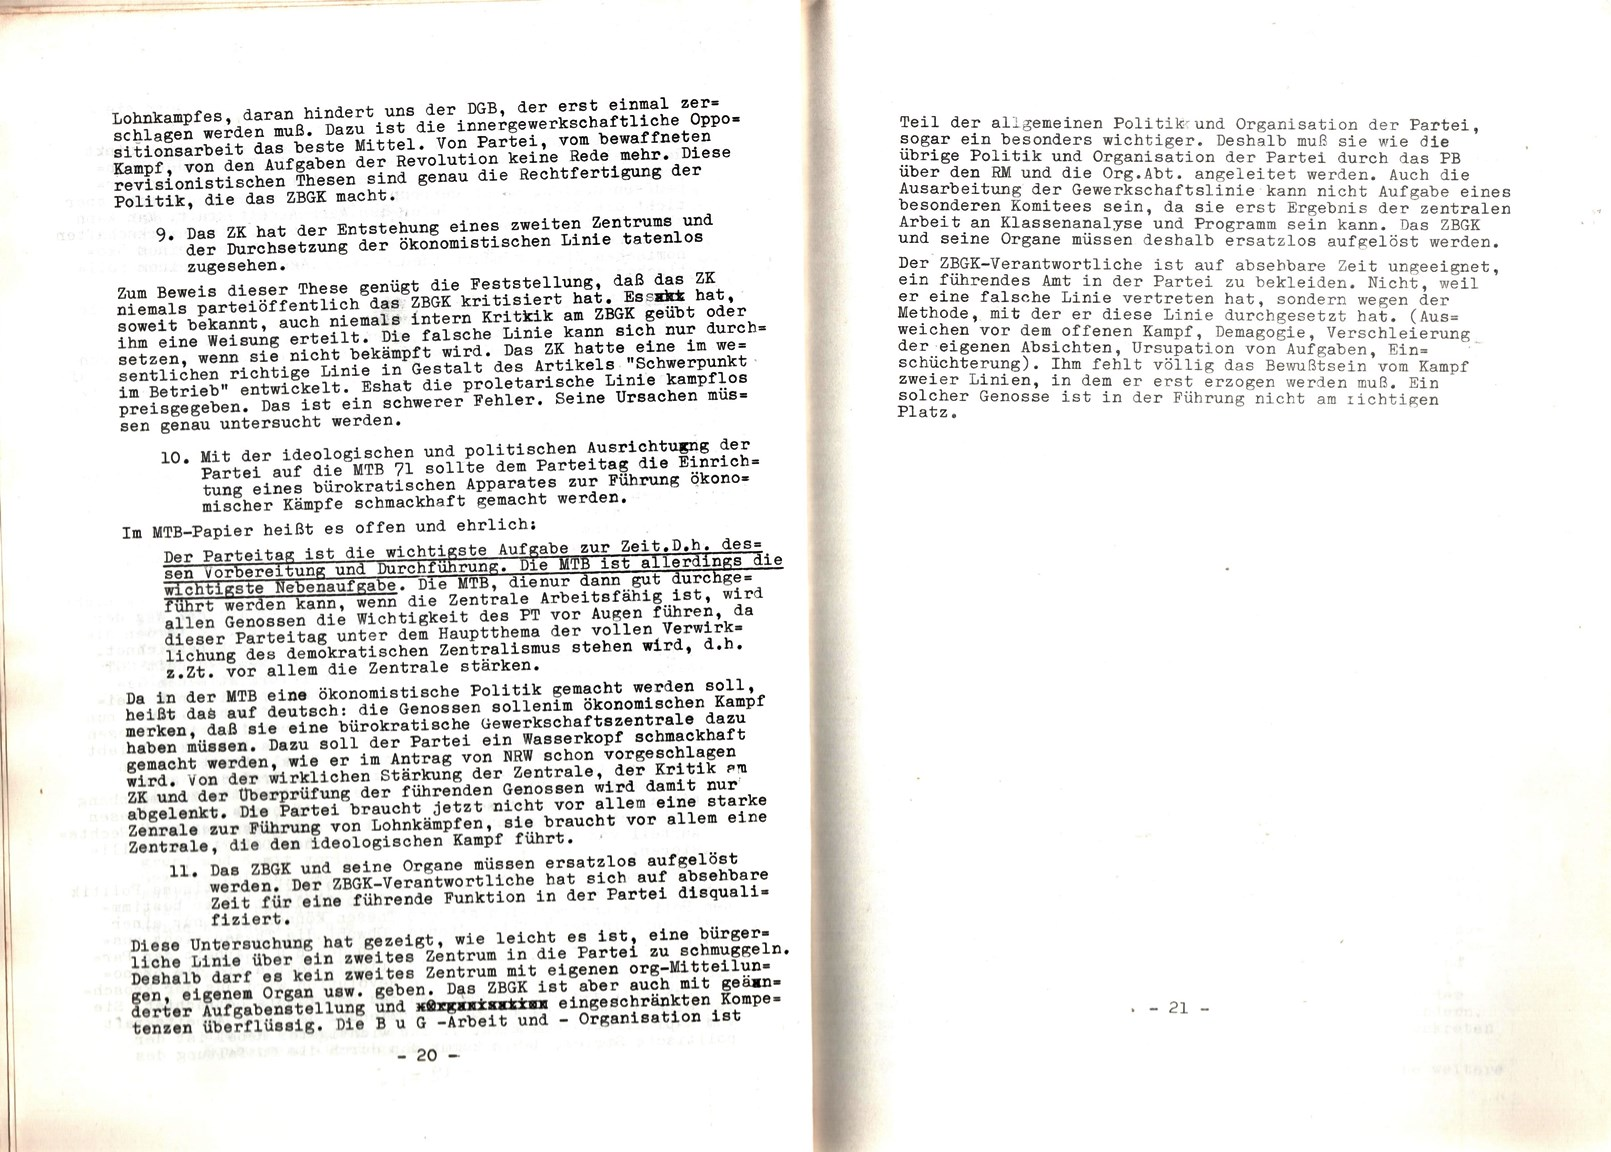 KPDML_1971_Analysen_und_Antraege_des_LV_Sued_West_032